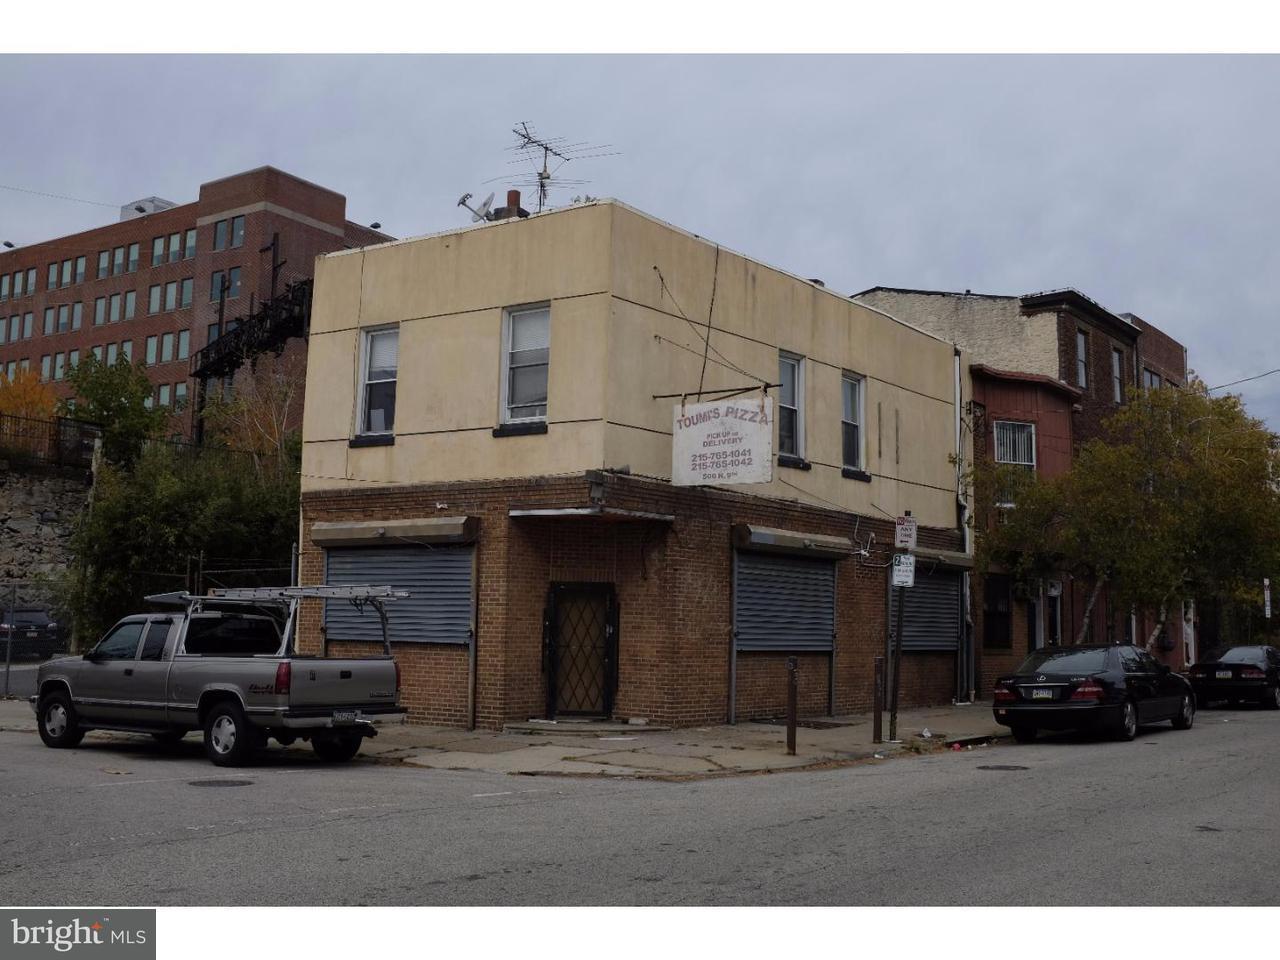 506 N 9TH Philadelphia, PA 19123